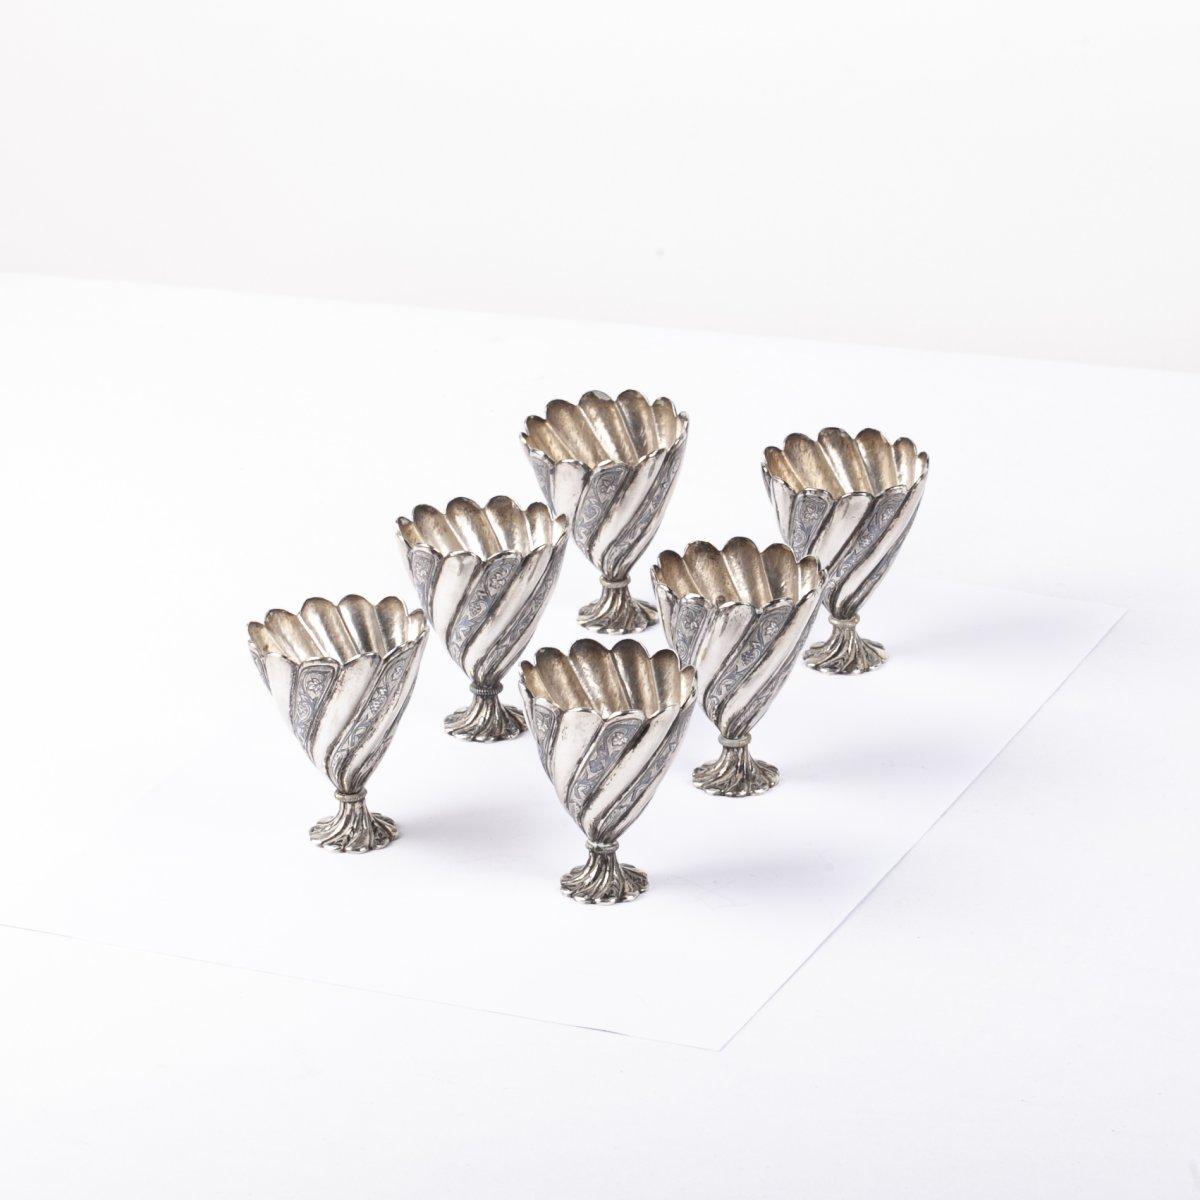 Silver Turkish Zarf 6pcs